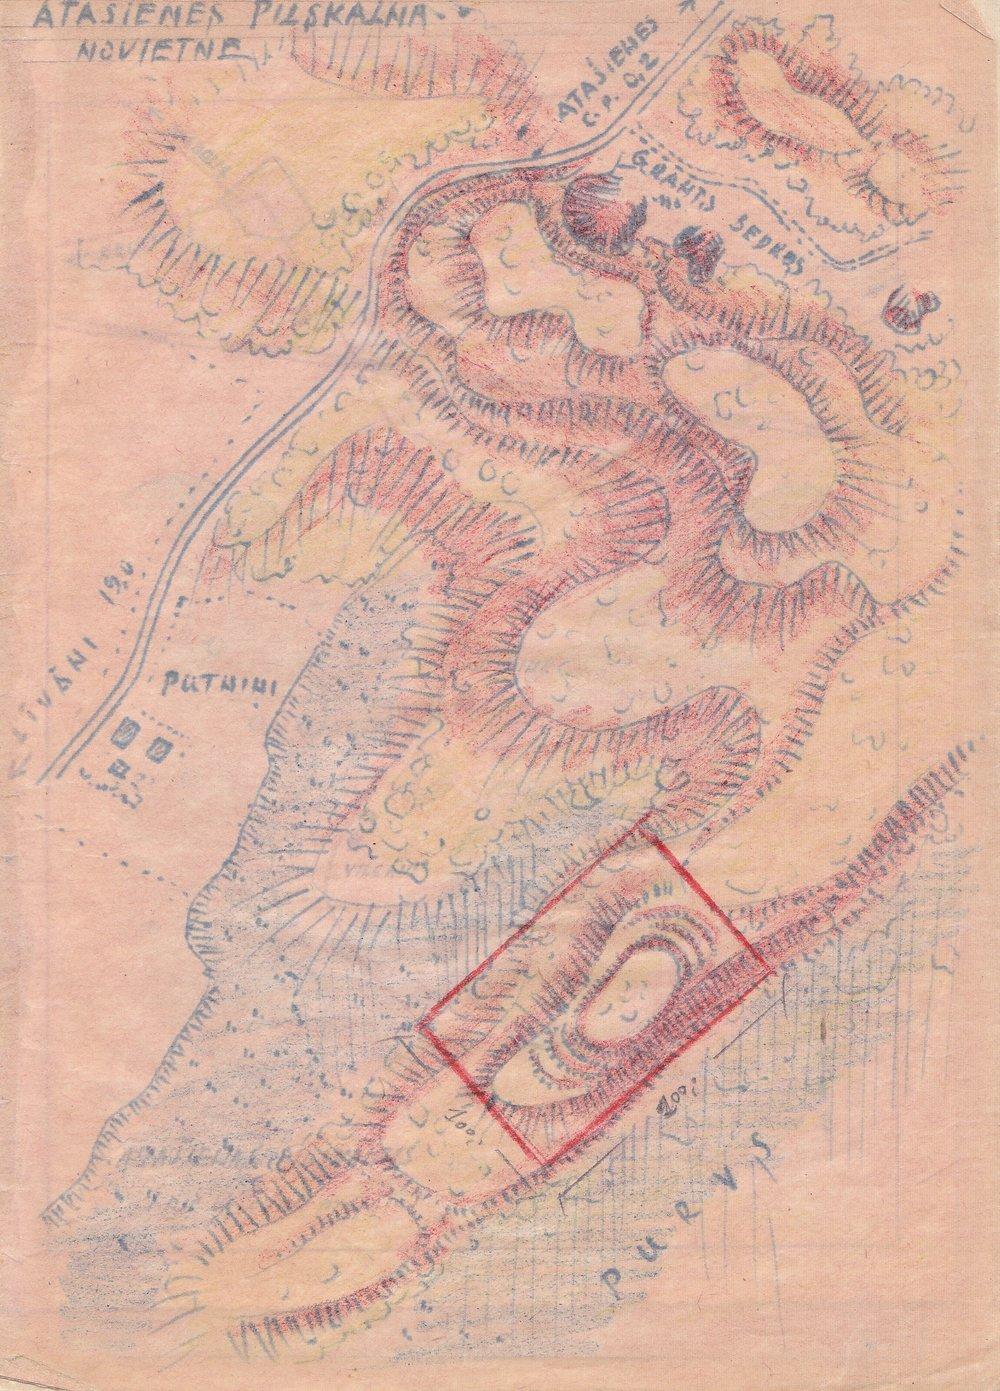 Atašienes pilskalns un tā apkārtne 1951.gadā. A.Štokmaņa skice.